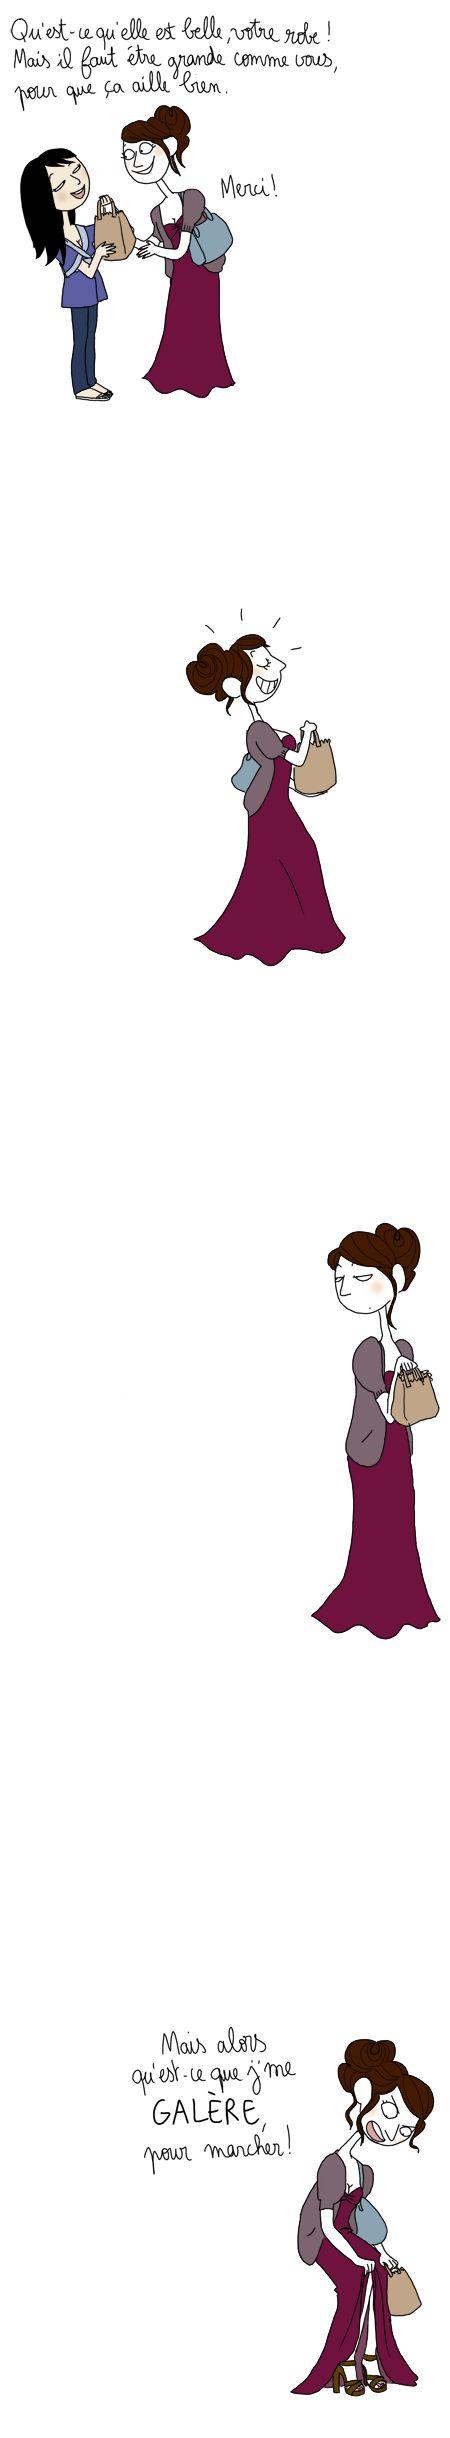 """"""" Cendrillon est la preuve qu'une paire de talons peut changer la vie... """"/ By Penelope bagieu."""